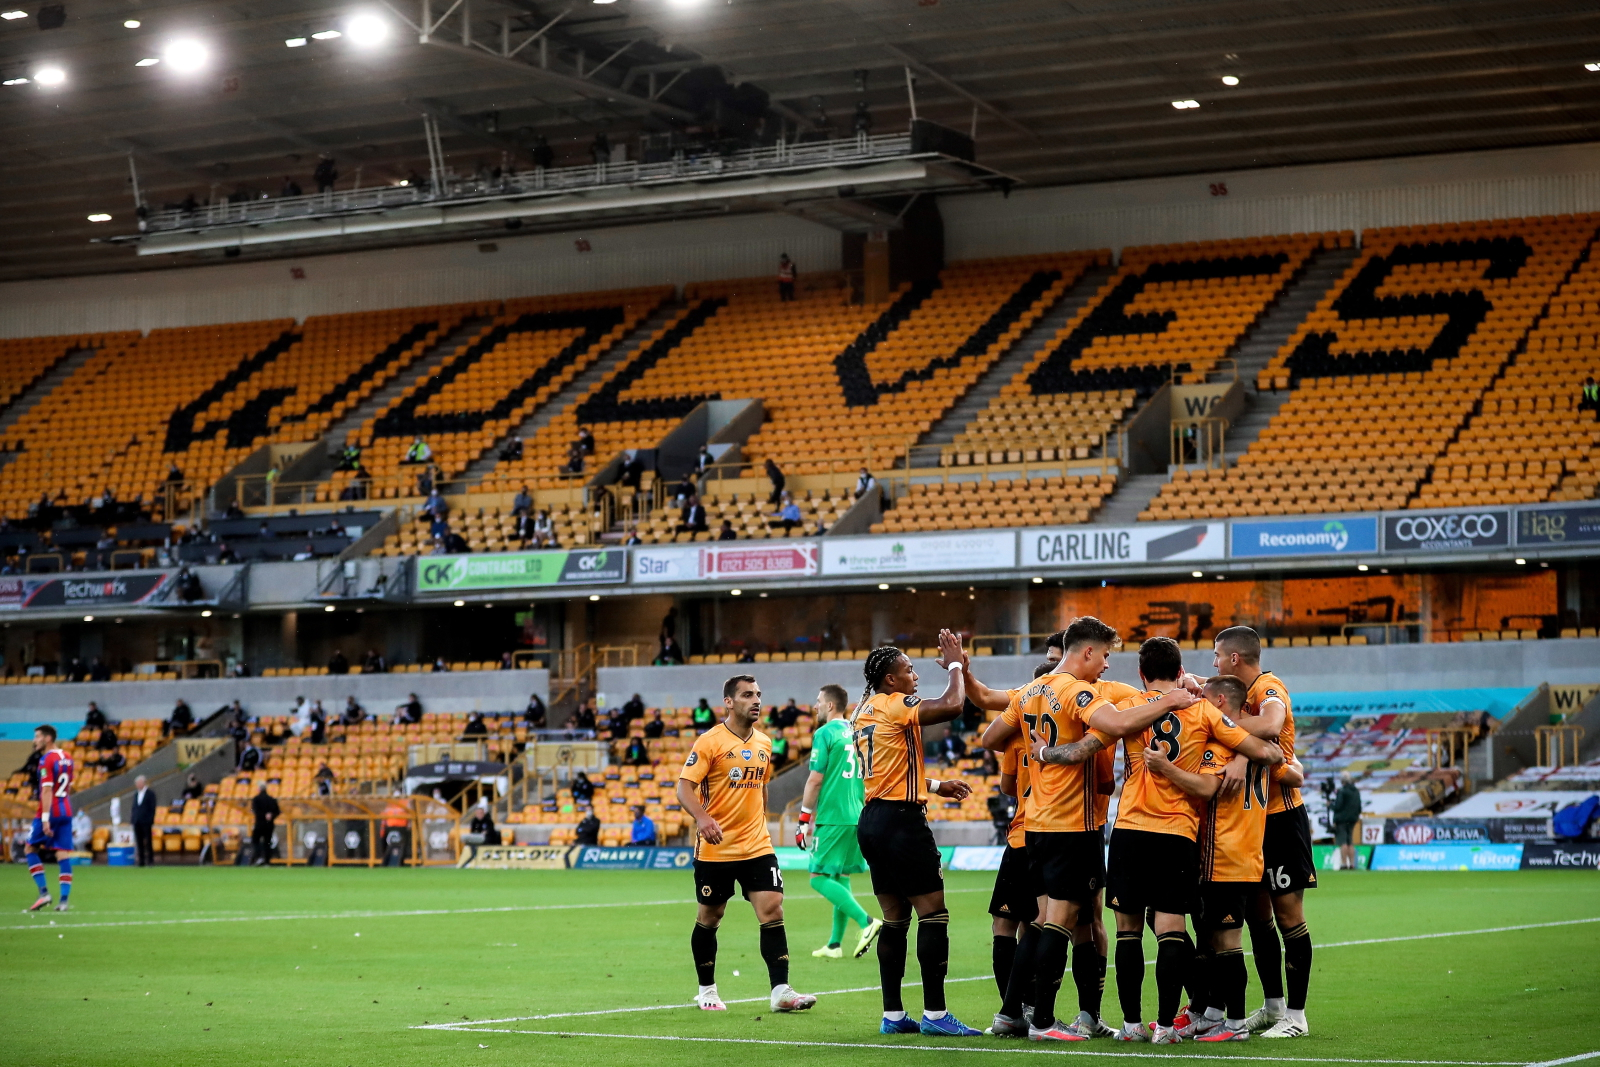 Wolverhampton Wanderers - Sevilla FC na żywo. Liga Europy w telewizji i internecie (transmisja) - Sport WP SportoweFakty